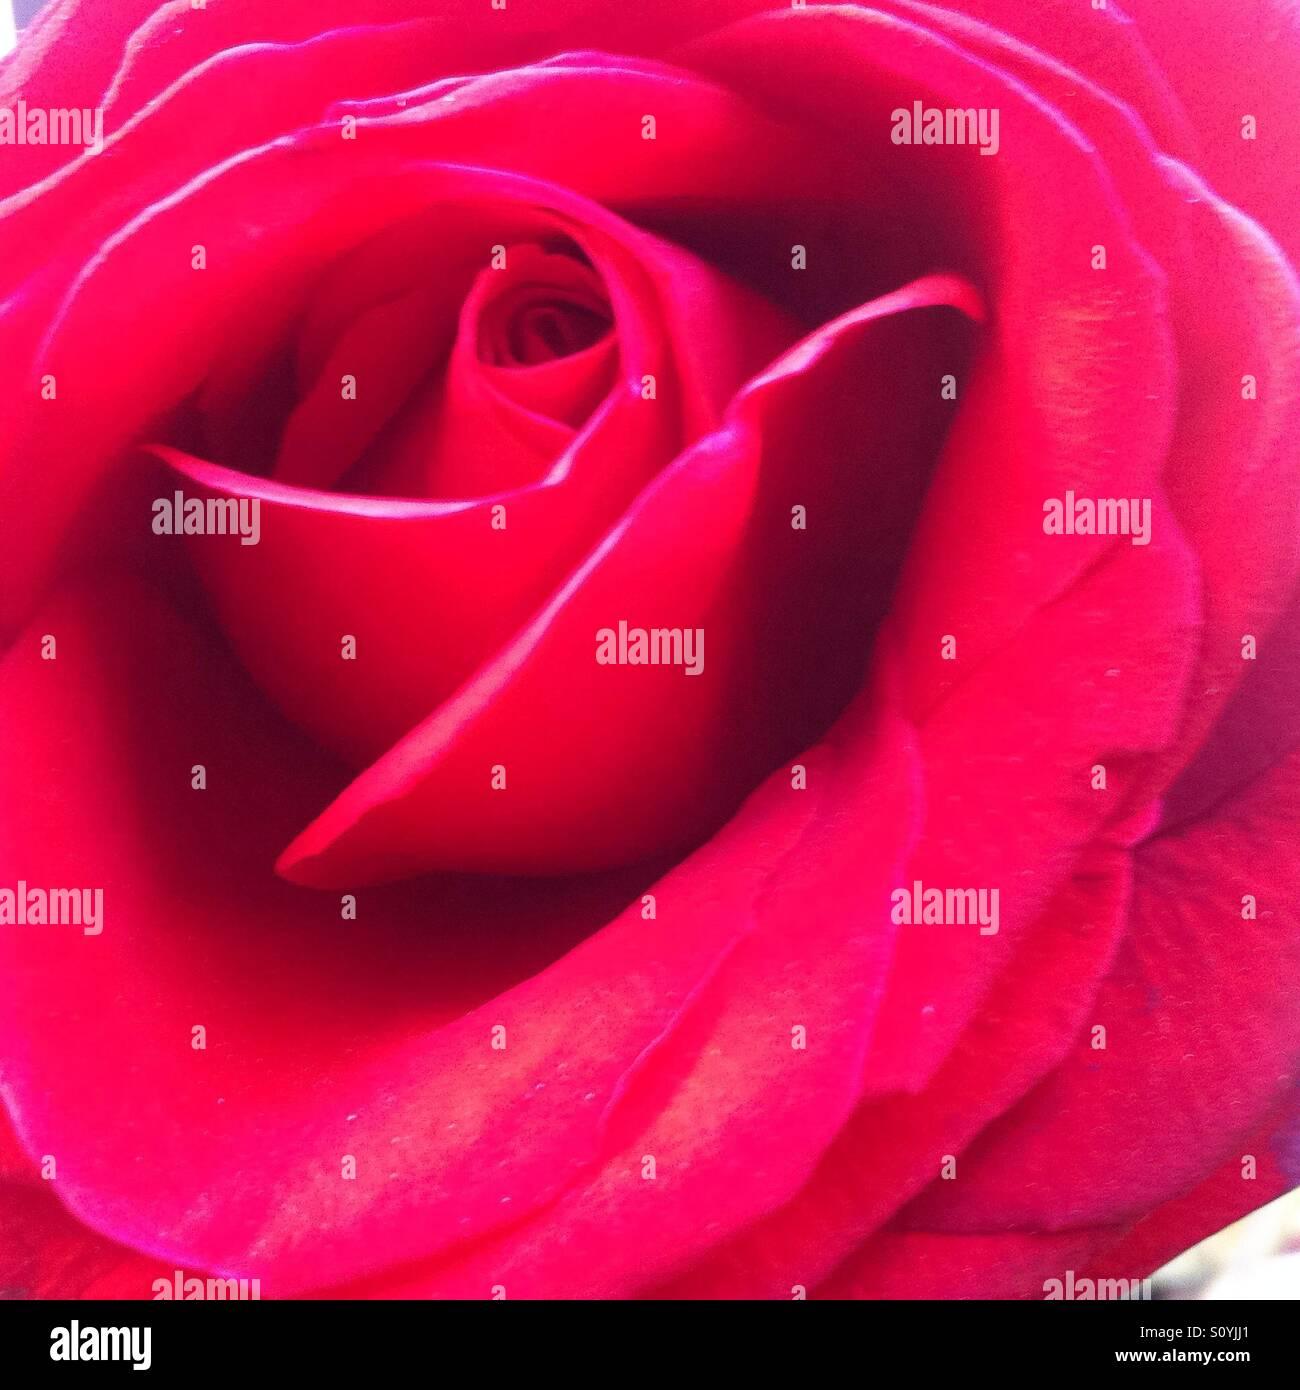 Rosa Imagen De Stock